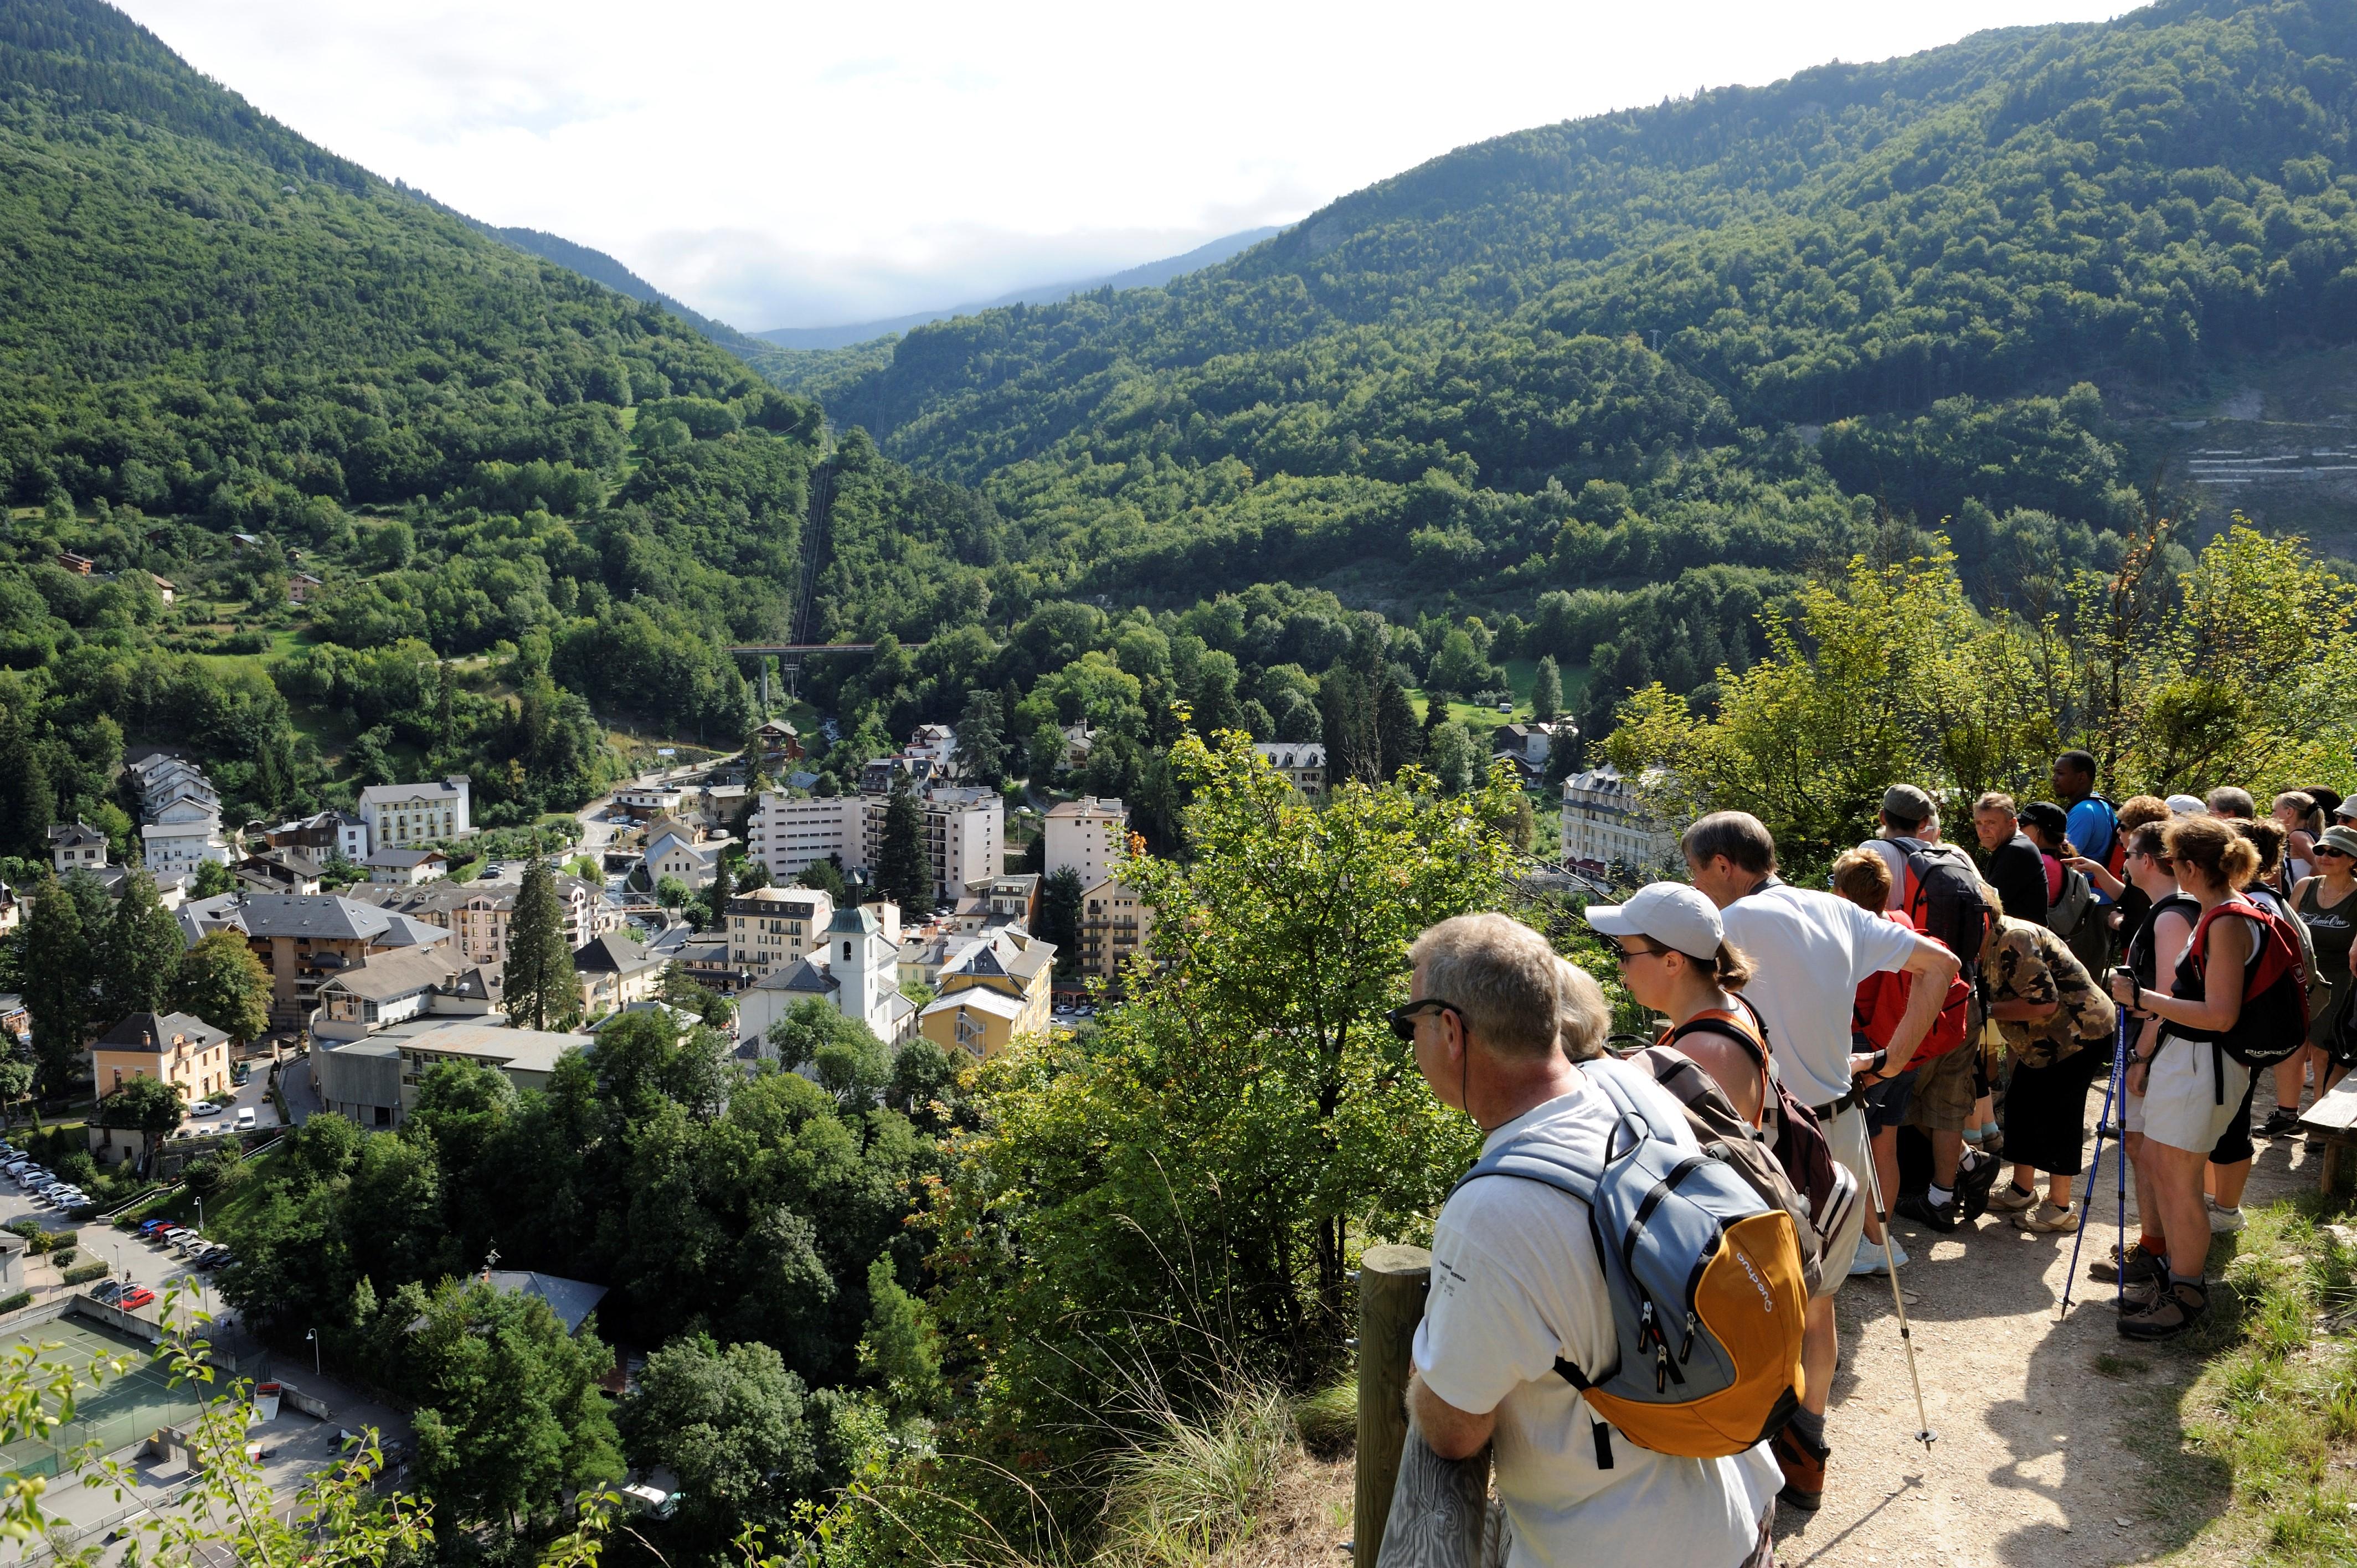 Wandelingen rond Brides-les-Bains - Copyright P. Lebeau